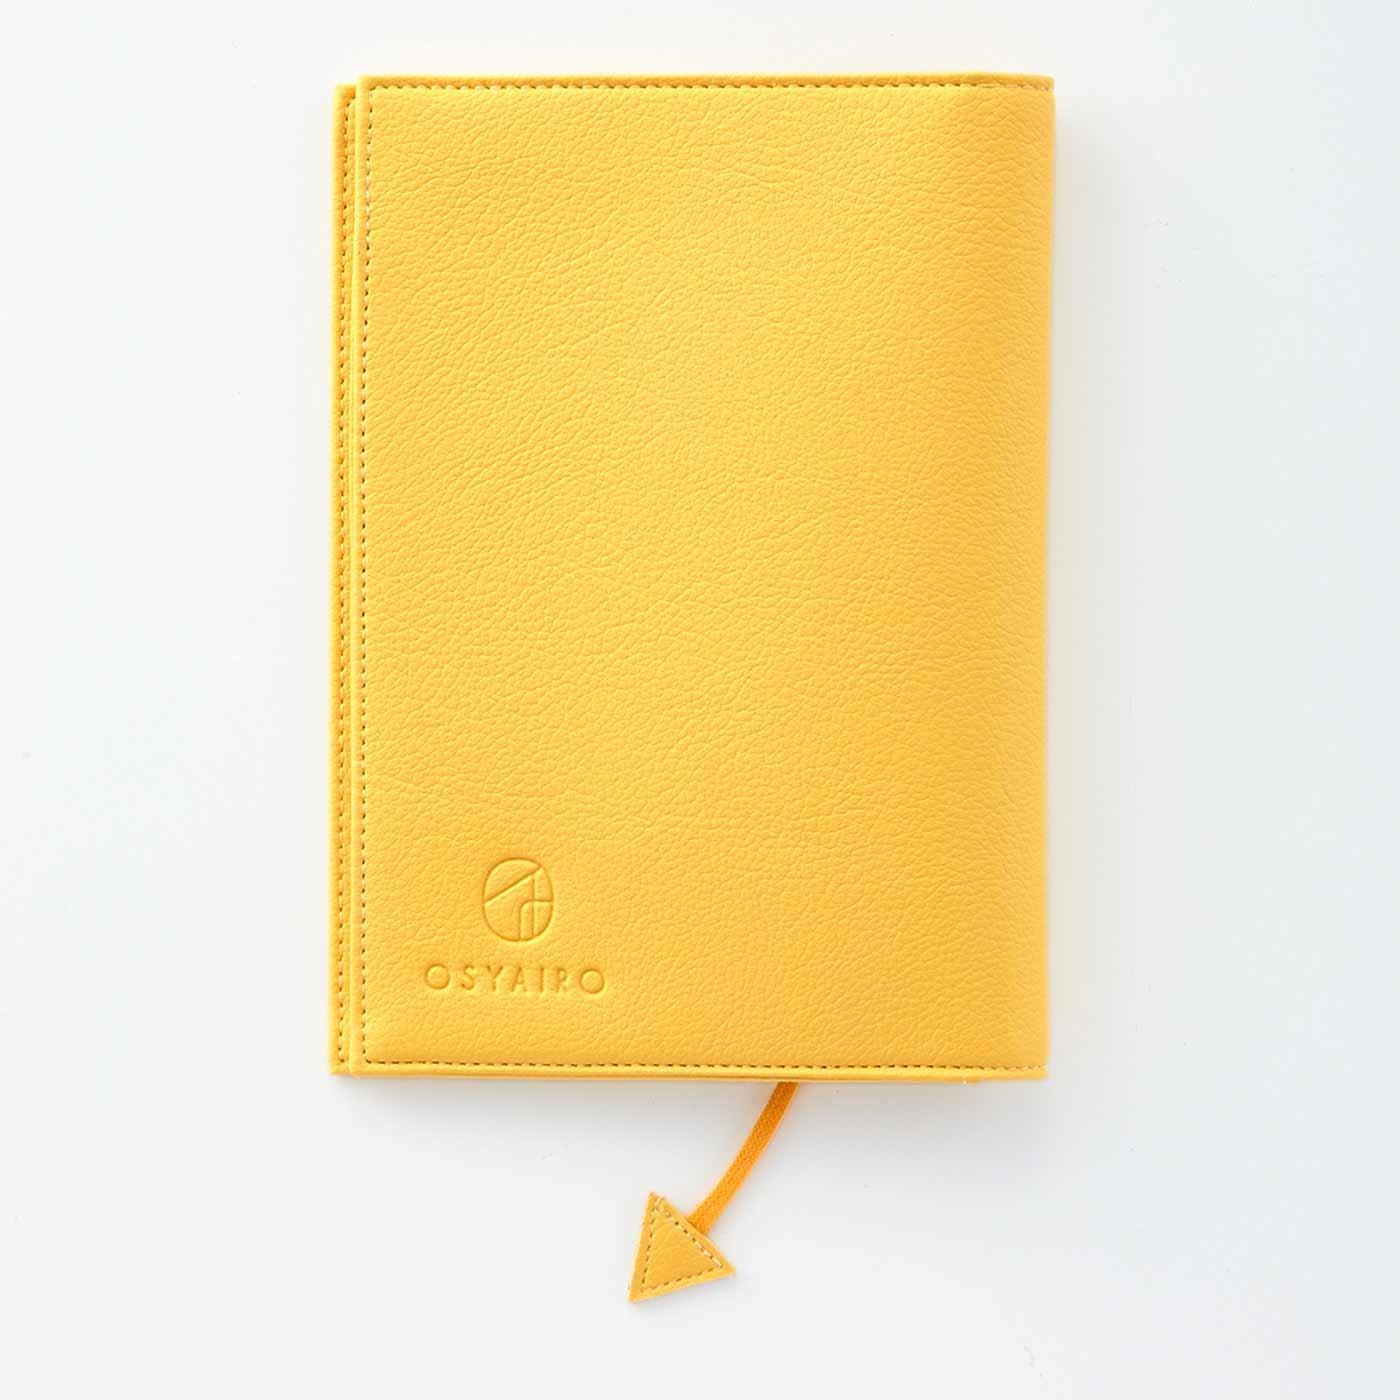 OSYAIRO フォトポケット付き文庫本&手帳カバー〈黄〉